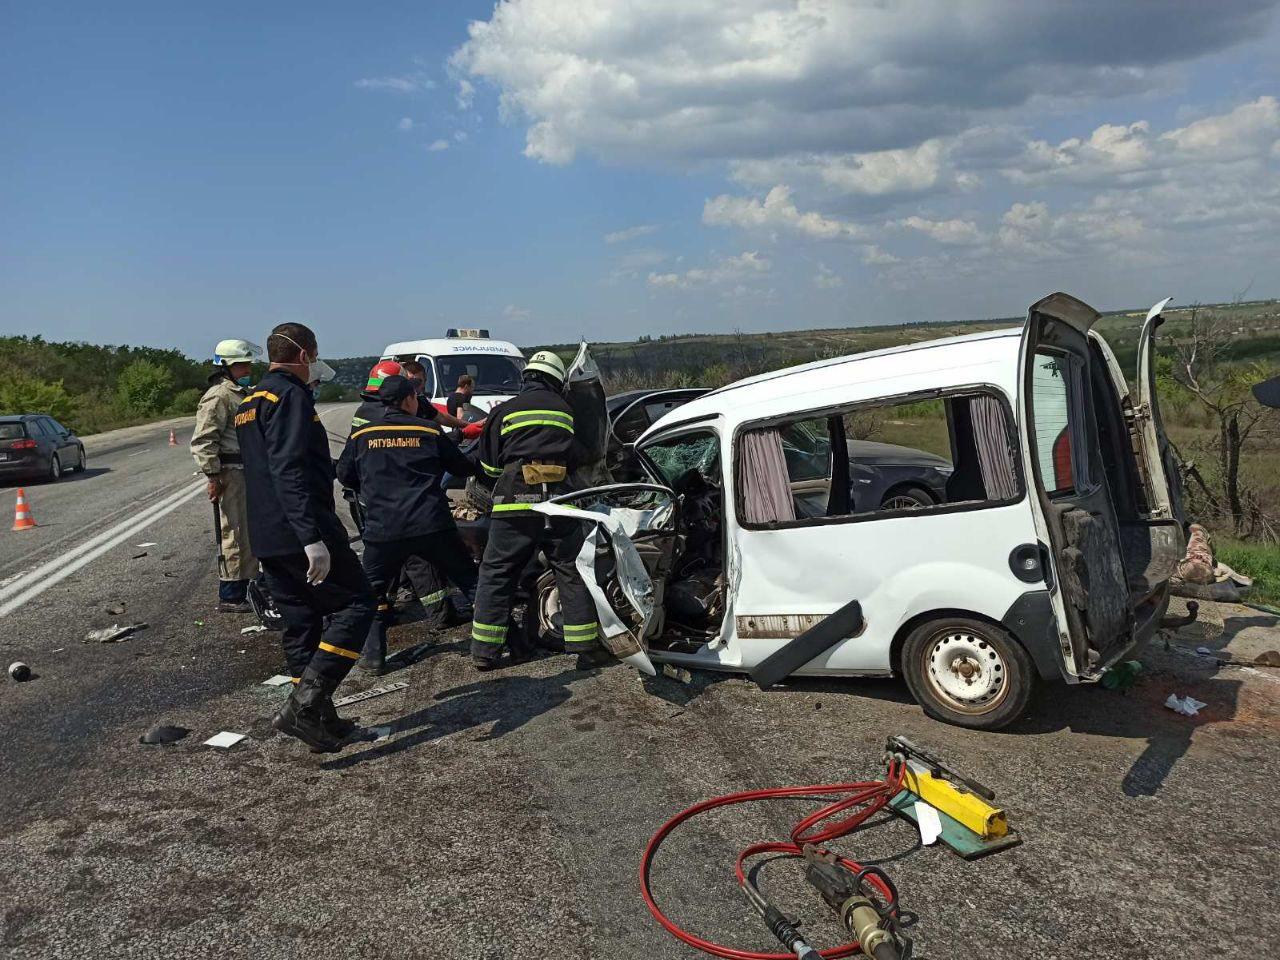 Страшная авария под Запорожьем / фото: ГСЧС